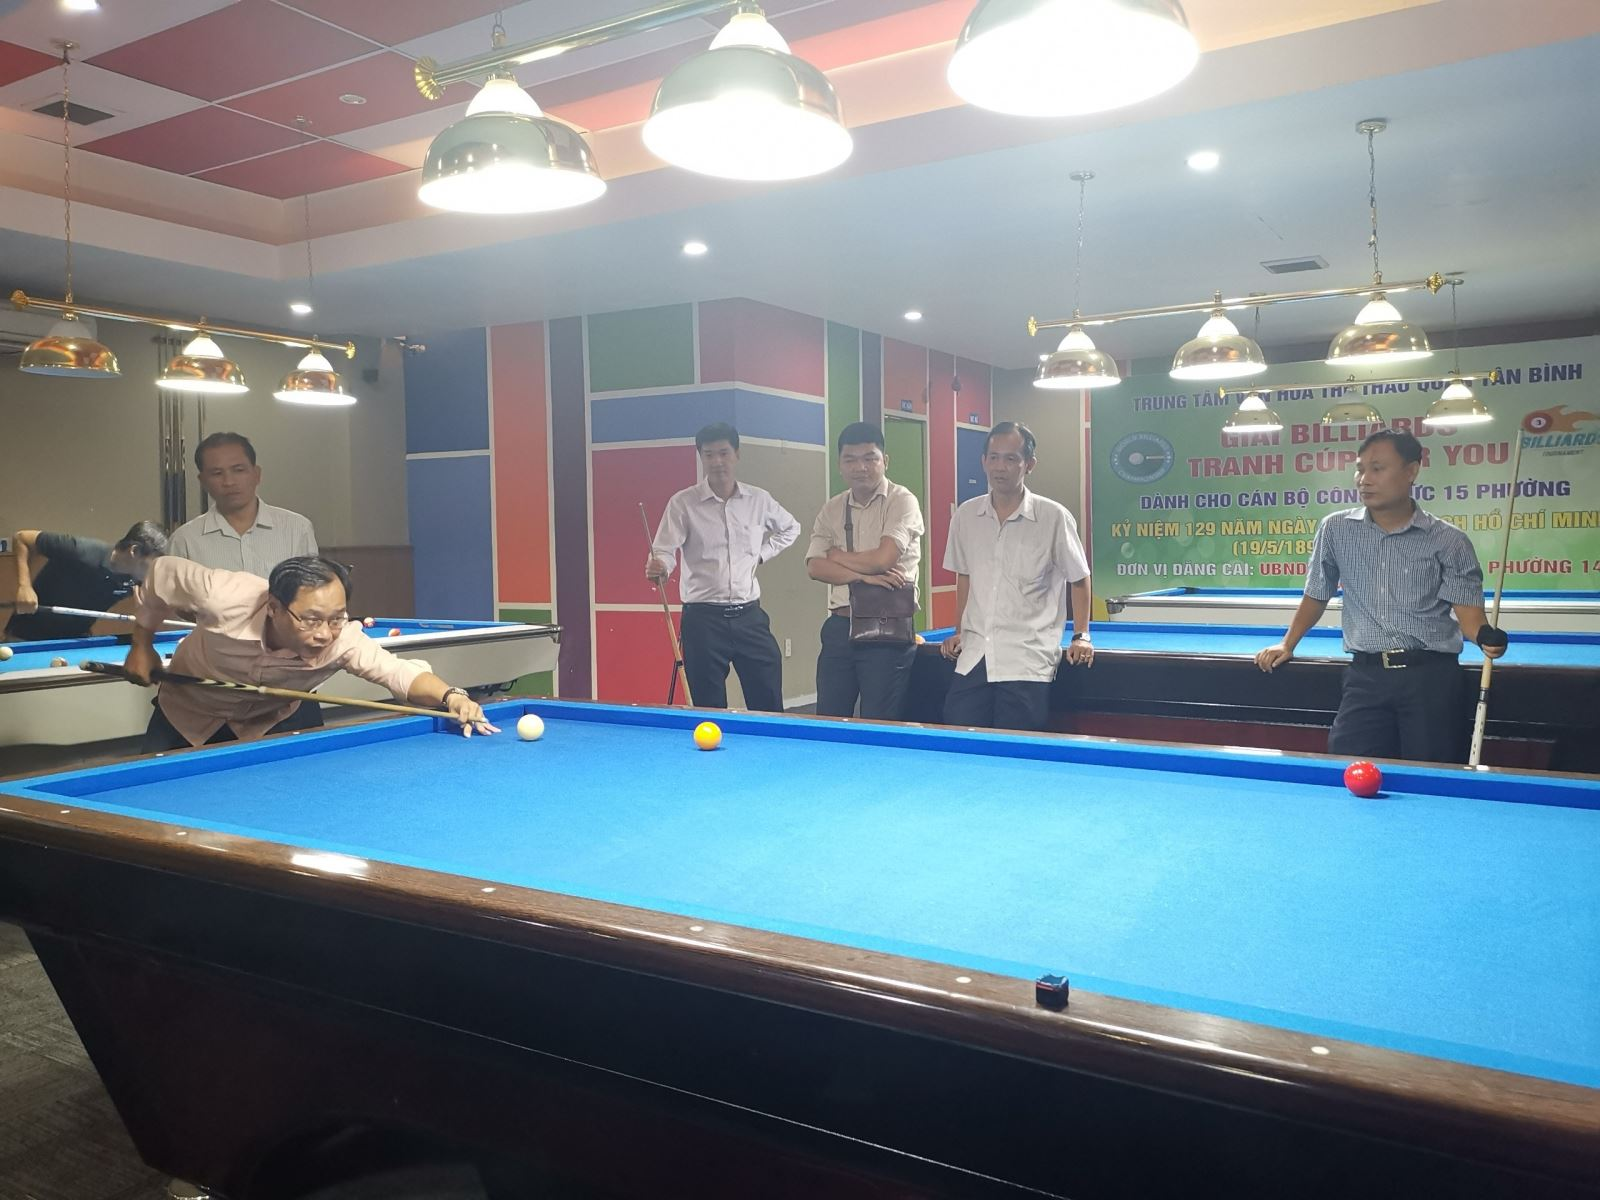 Phường 14: Tổ chức giải Billiards tranh Cúp For You.